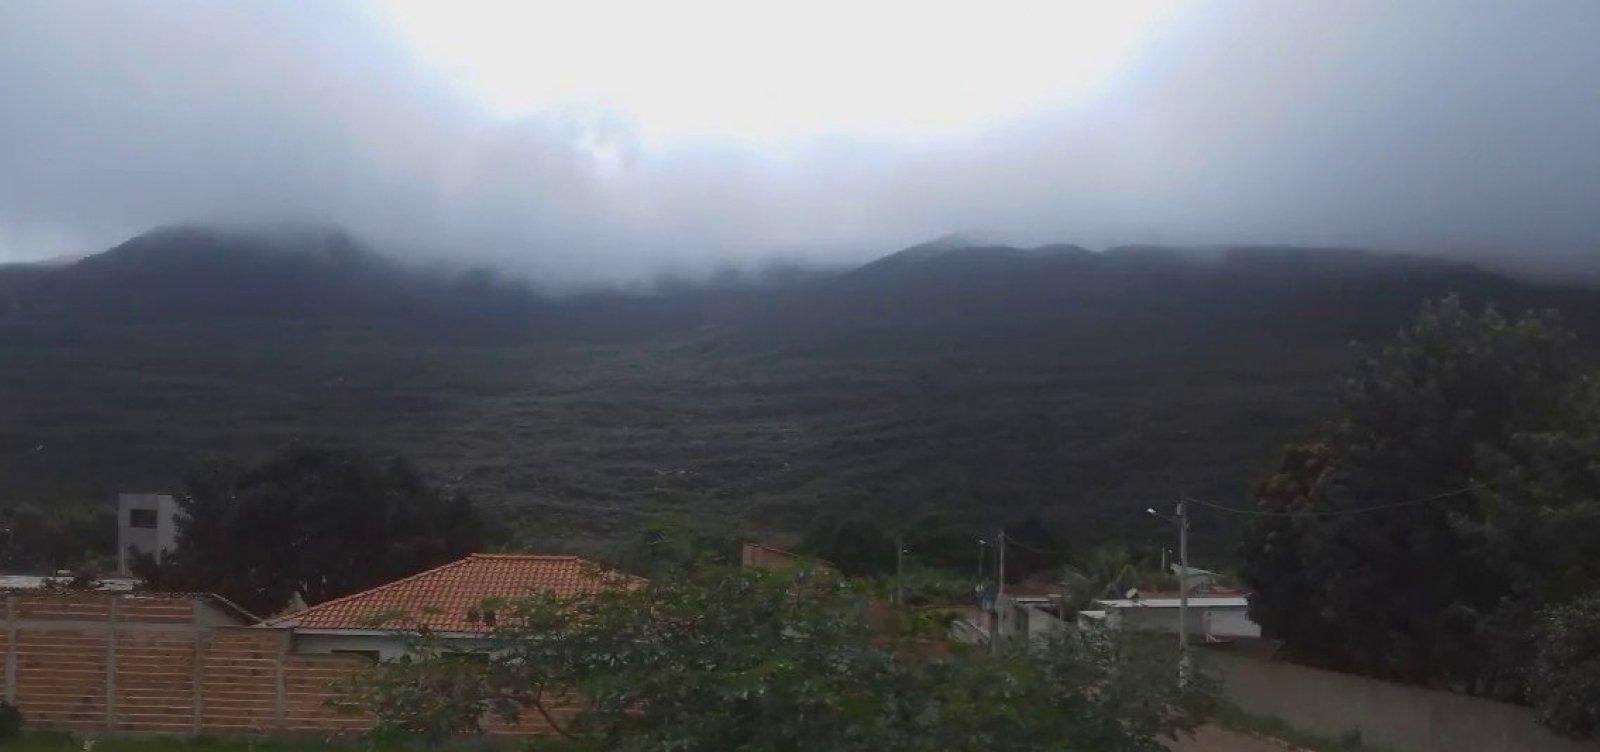 Frio na Bahia em 2021 está no padrão dos últimos anos, diz meteorologista